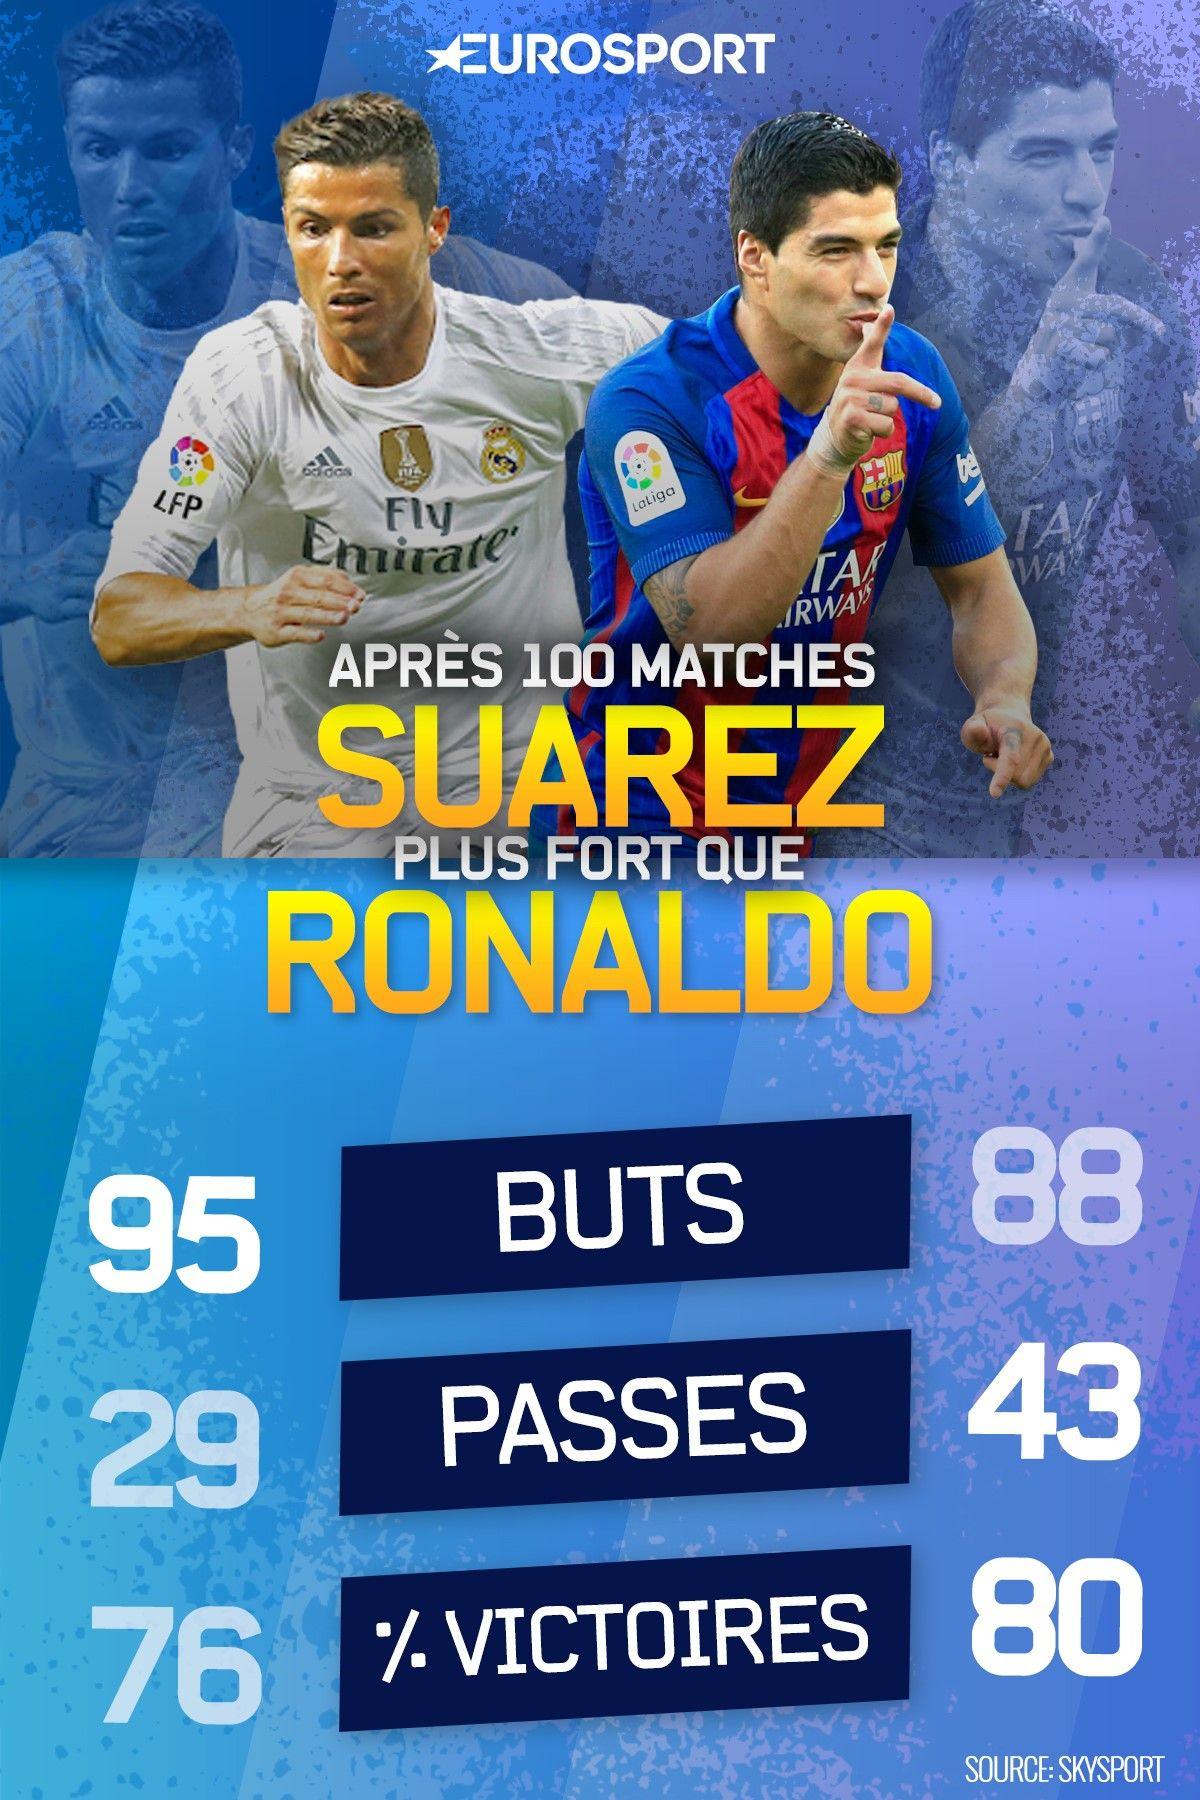 Suarez plus fort que C. Ronaldo sur ses 100 premiers matches en Espagne